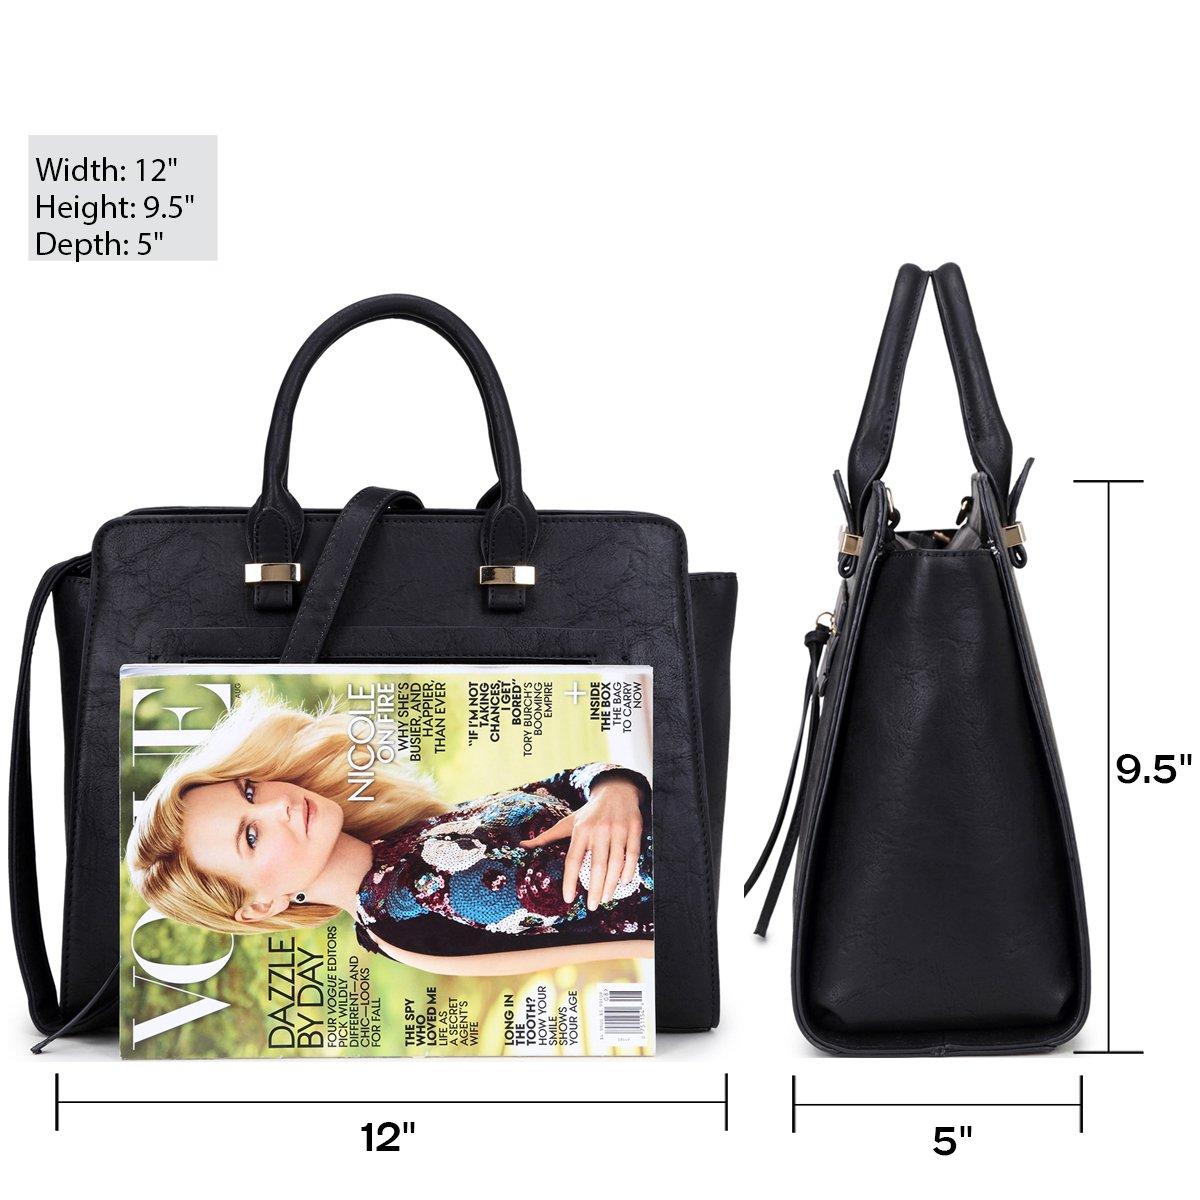 e57d64e5bd Amazon.com: Dasein: Briefcases